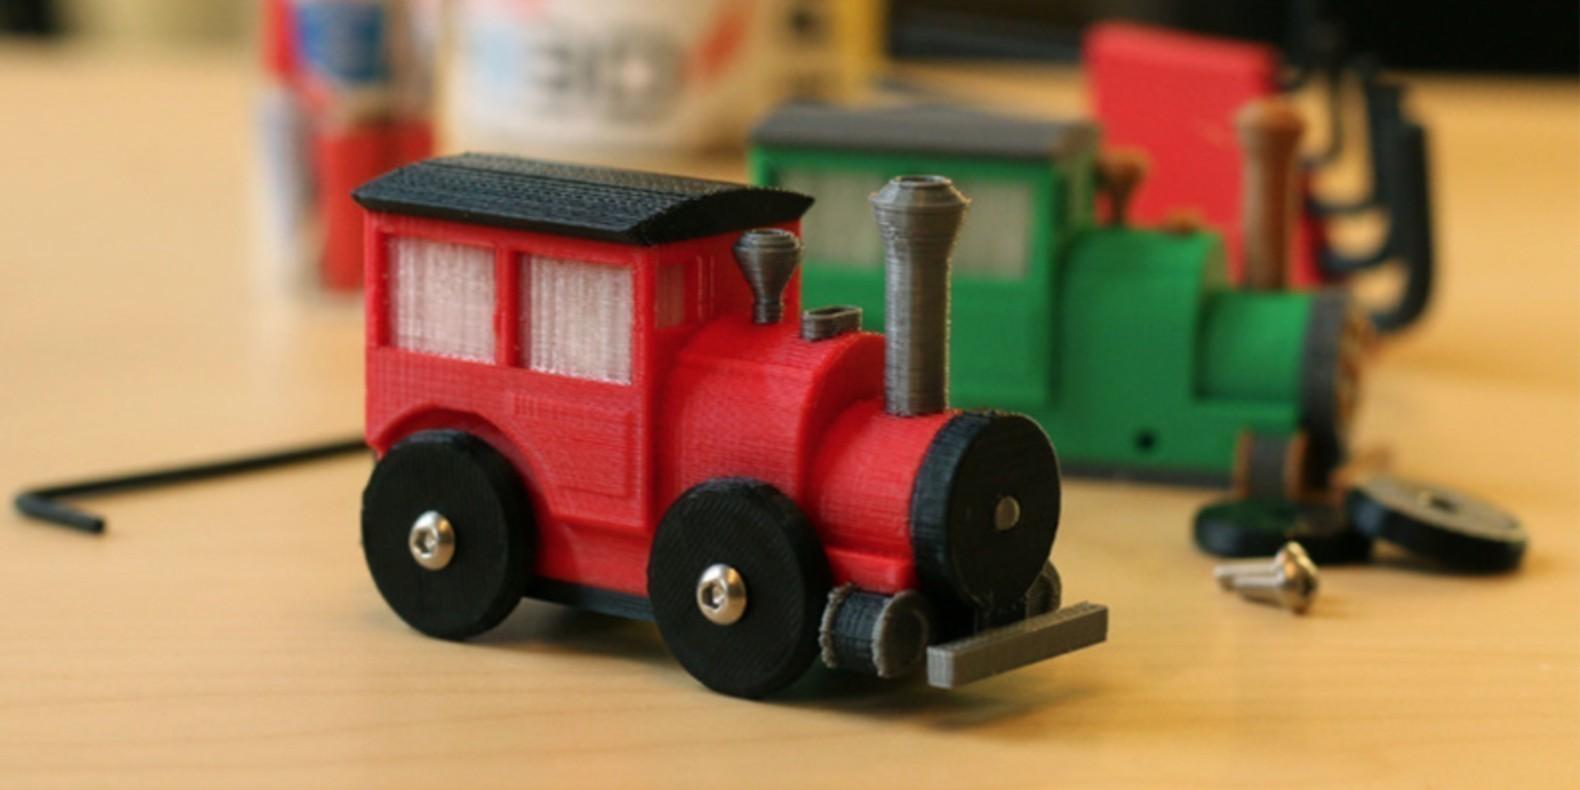 Descubre en esta nueva colección de modelos 3D todos los archivos para impresoras 3D relacionados con el modelado de trenes